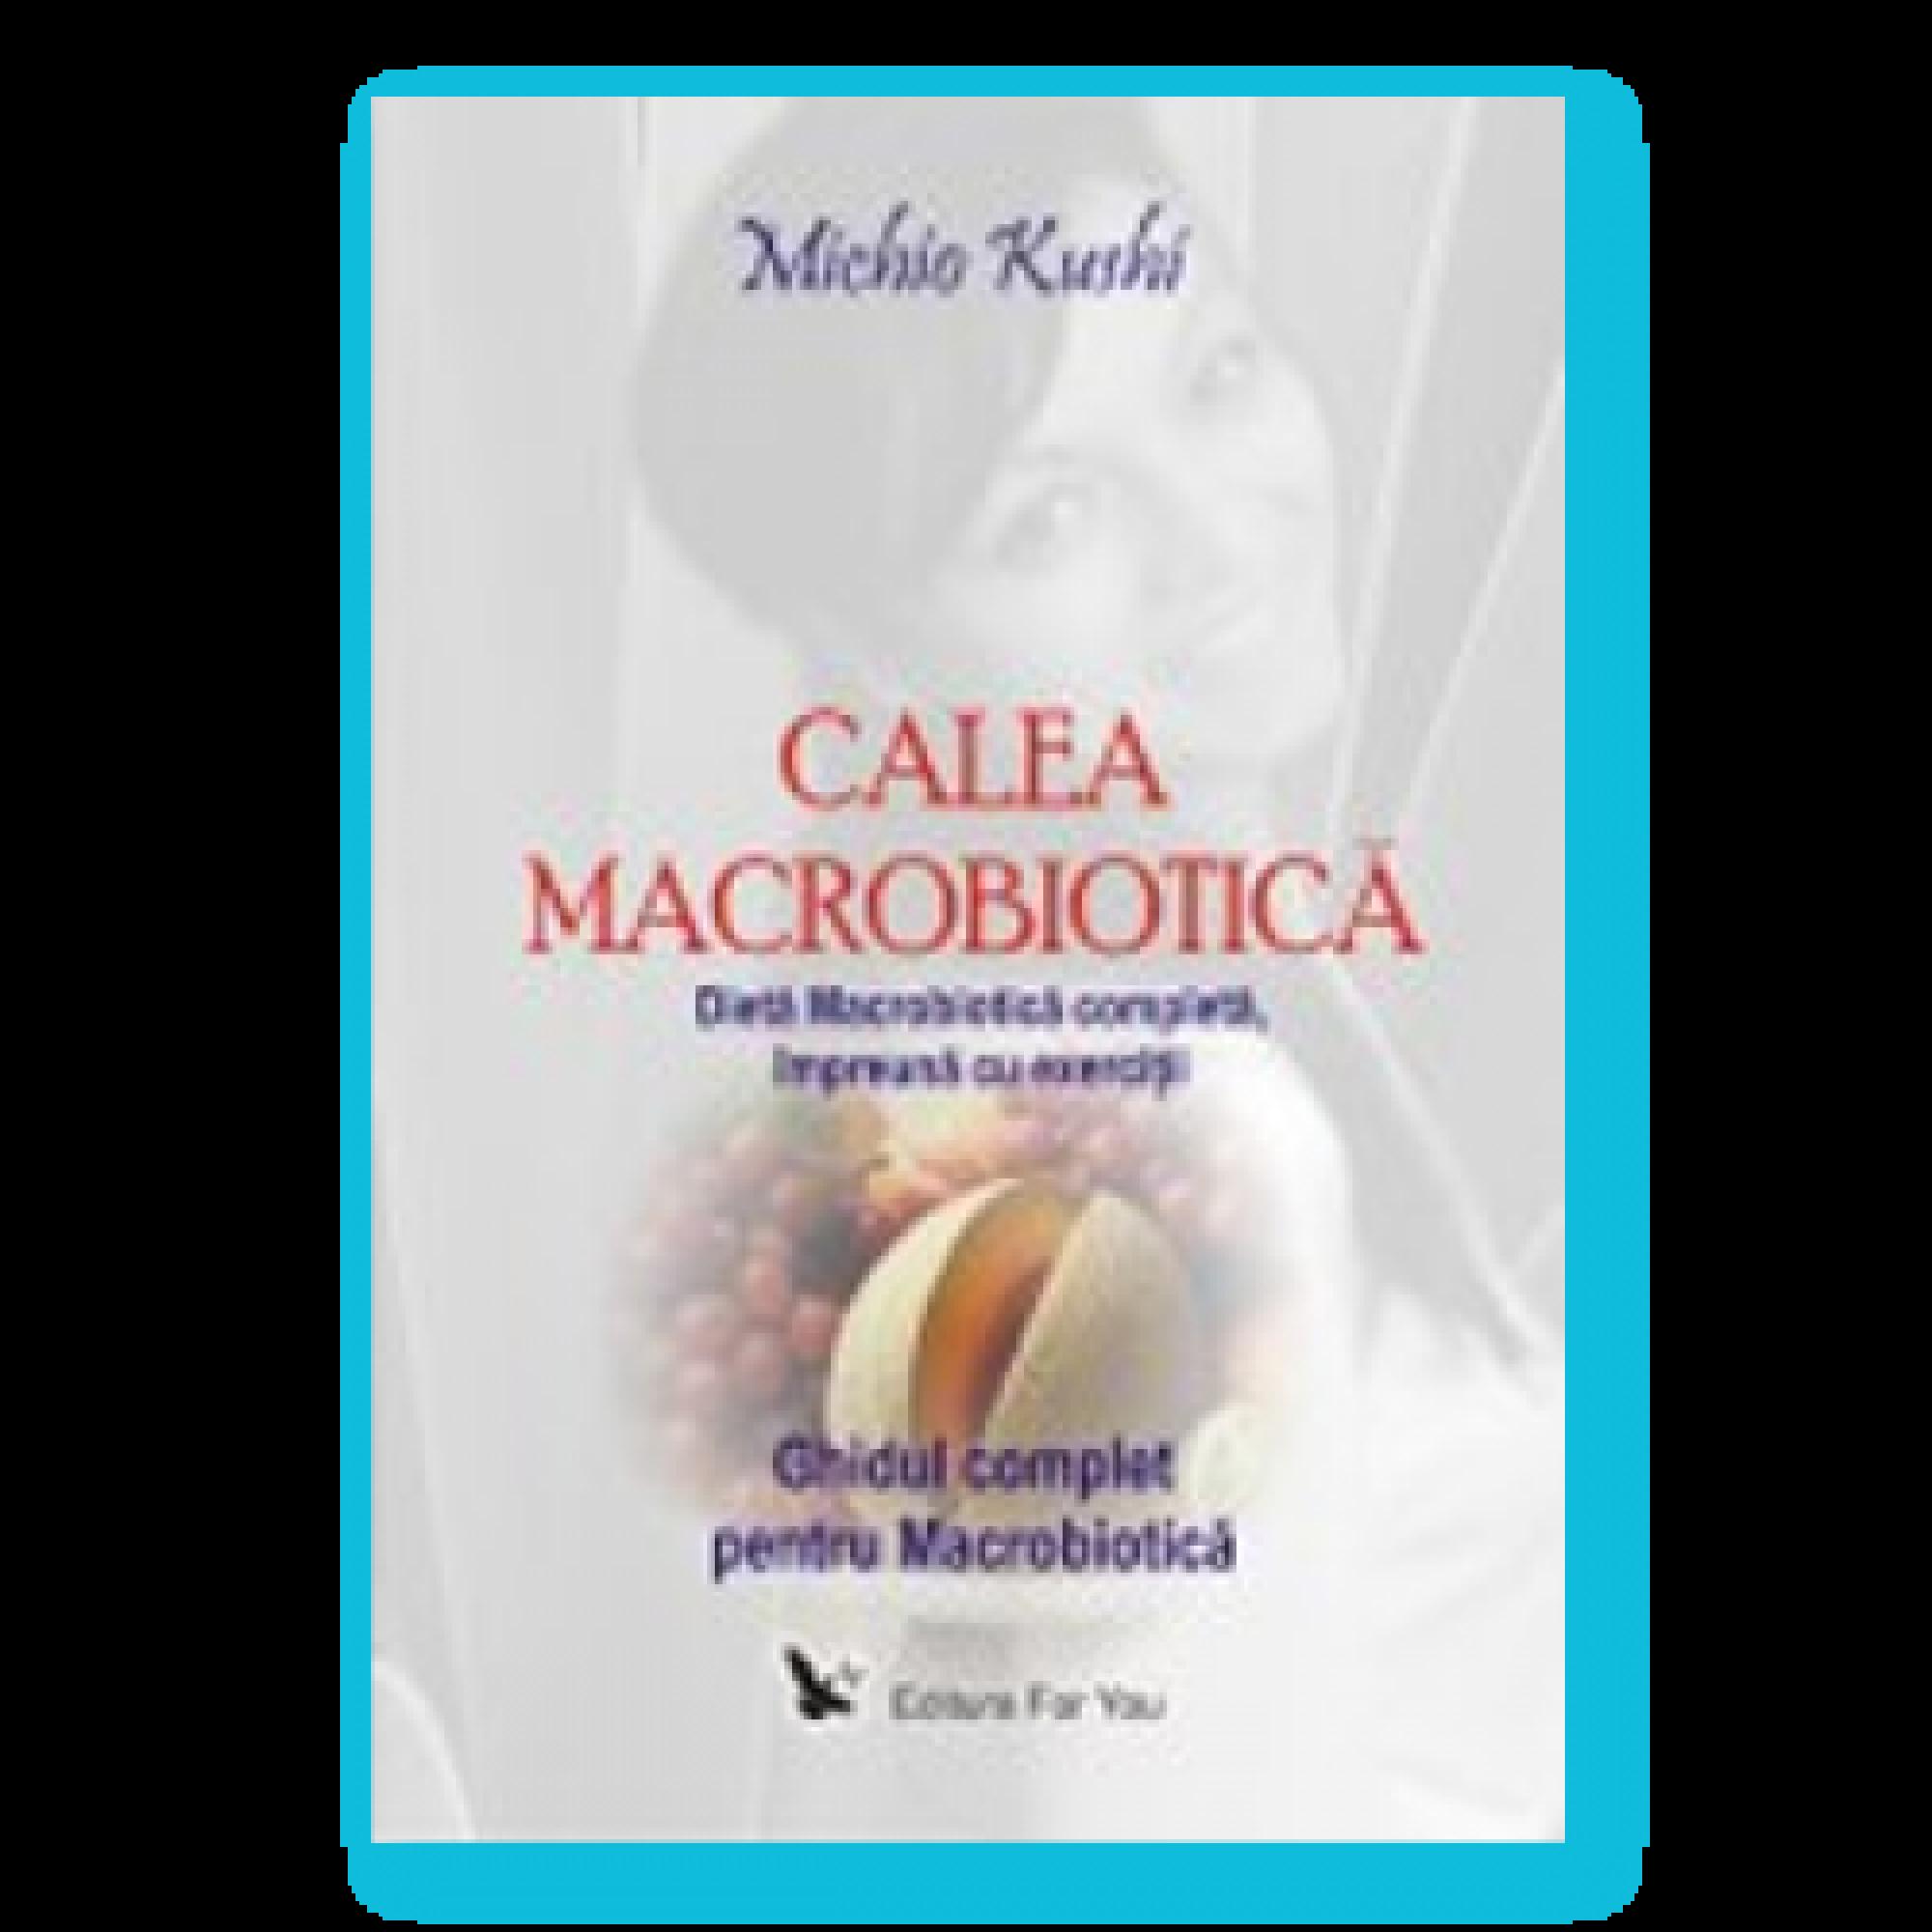 Calea macrobiotică. Ghidul complet pentru Macrobiotică